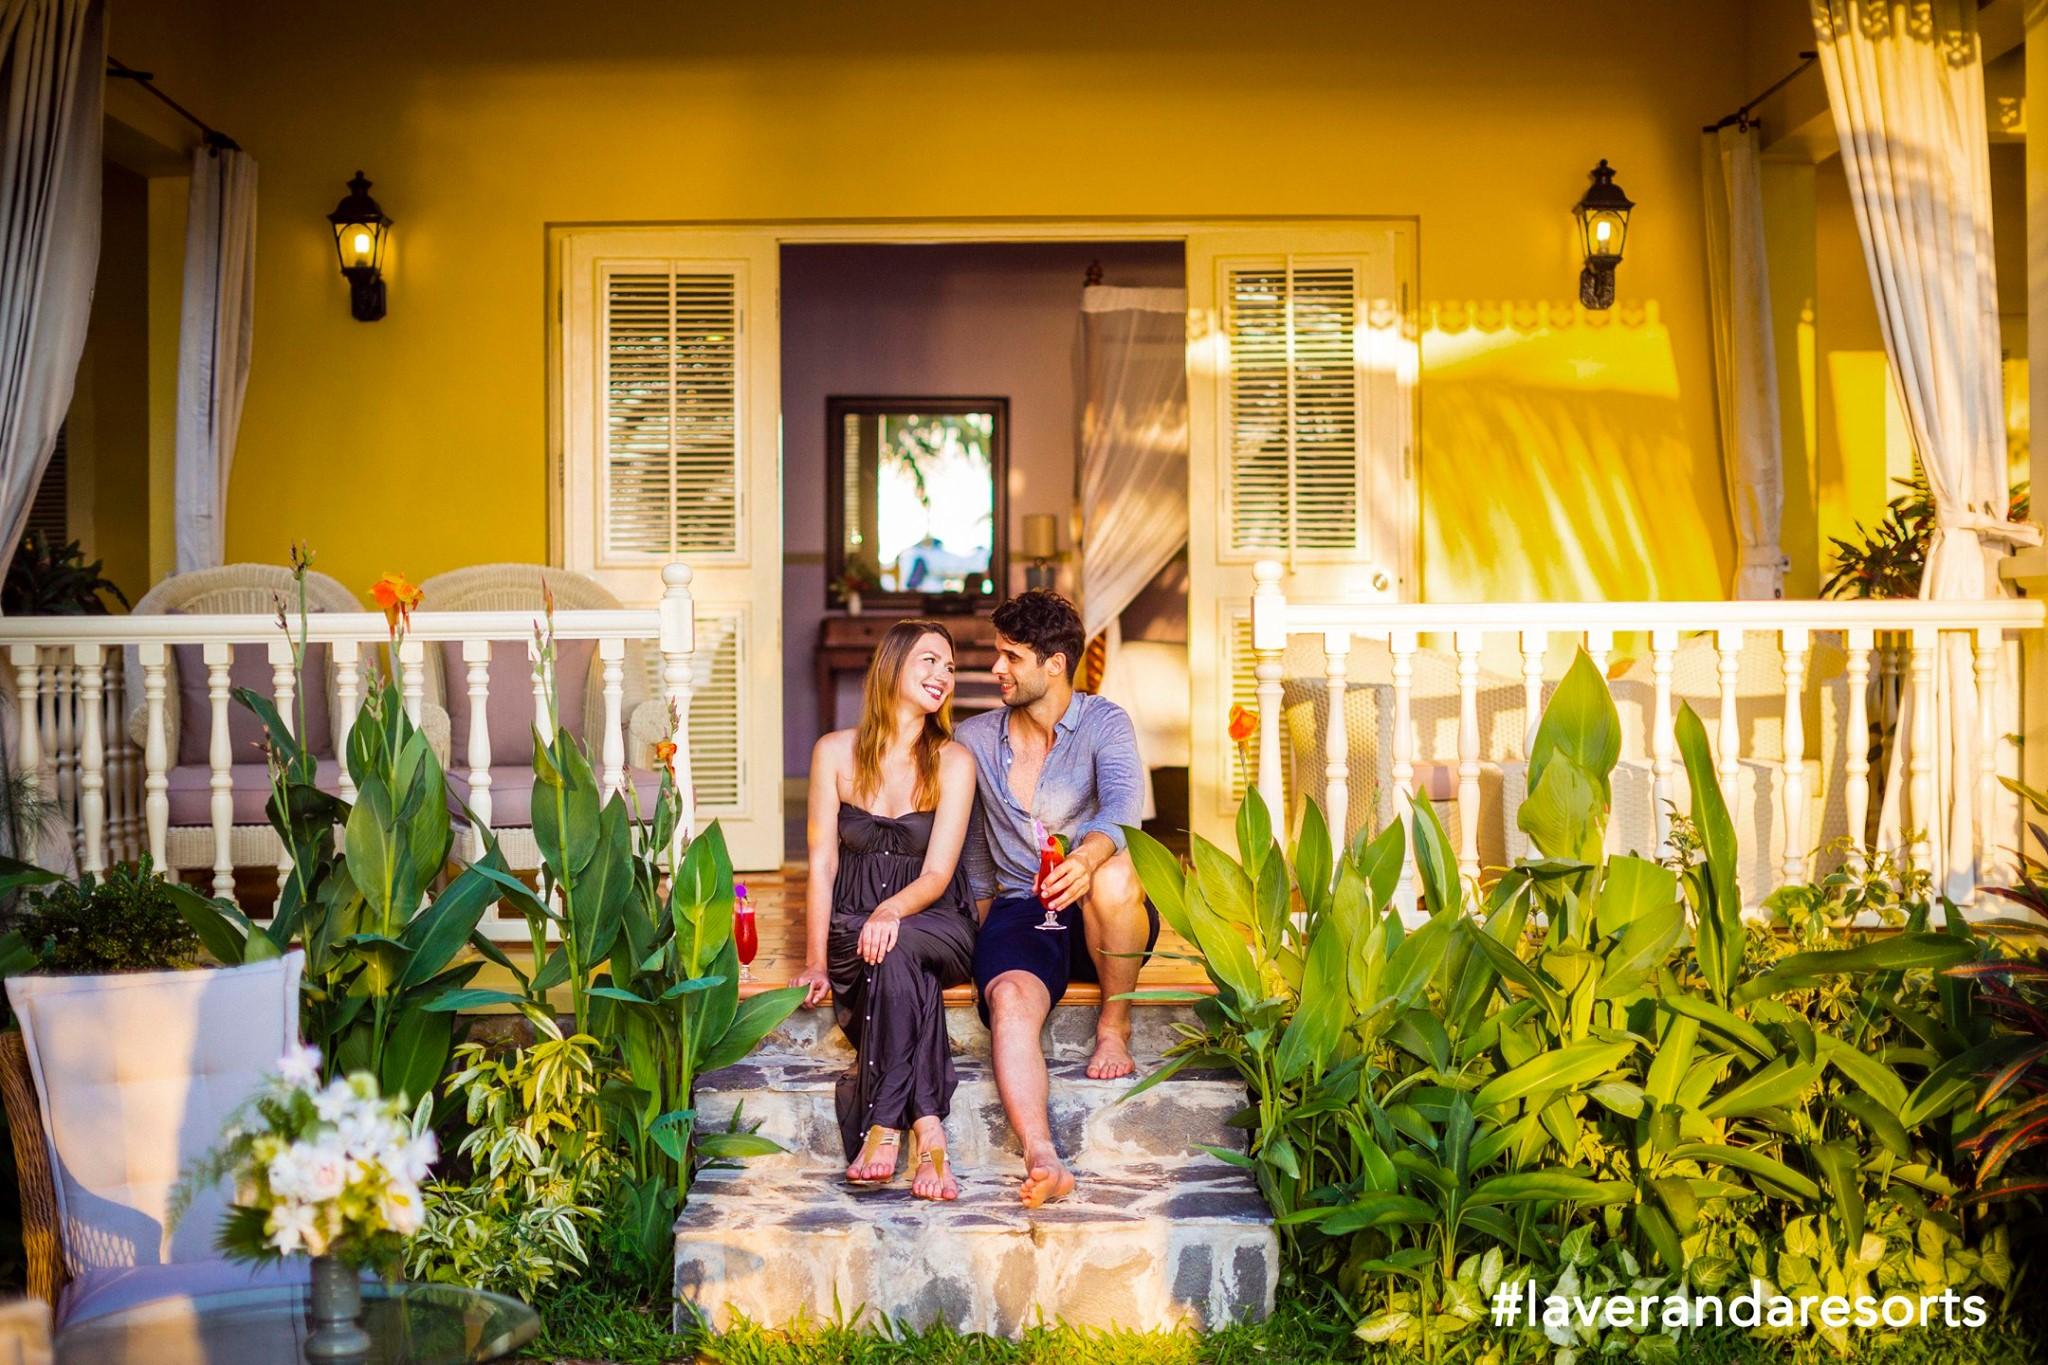 La-Veranda-Phu-Quoc-ivivu-2